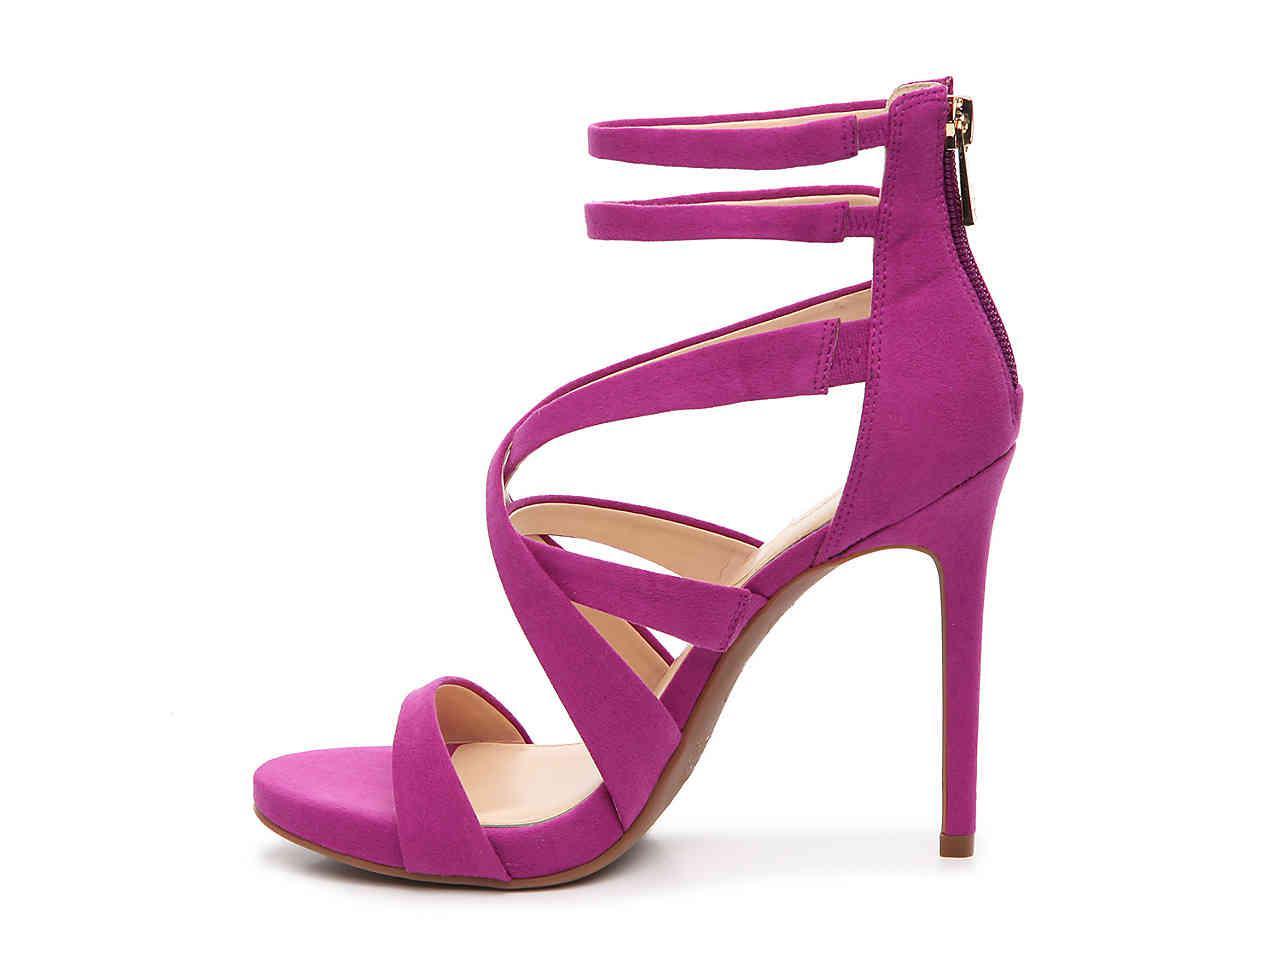 59b009cb457f Jessica Simpson - Pink Rayomi Platform Sandal - Lyst. View fullscreen